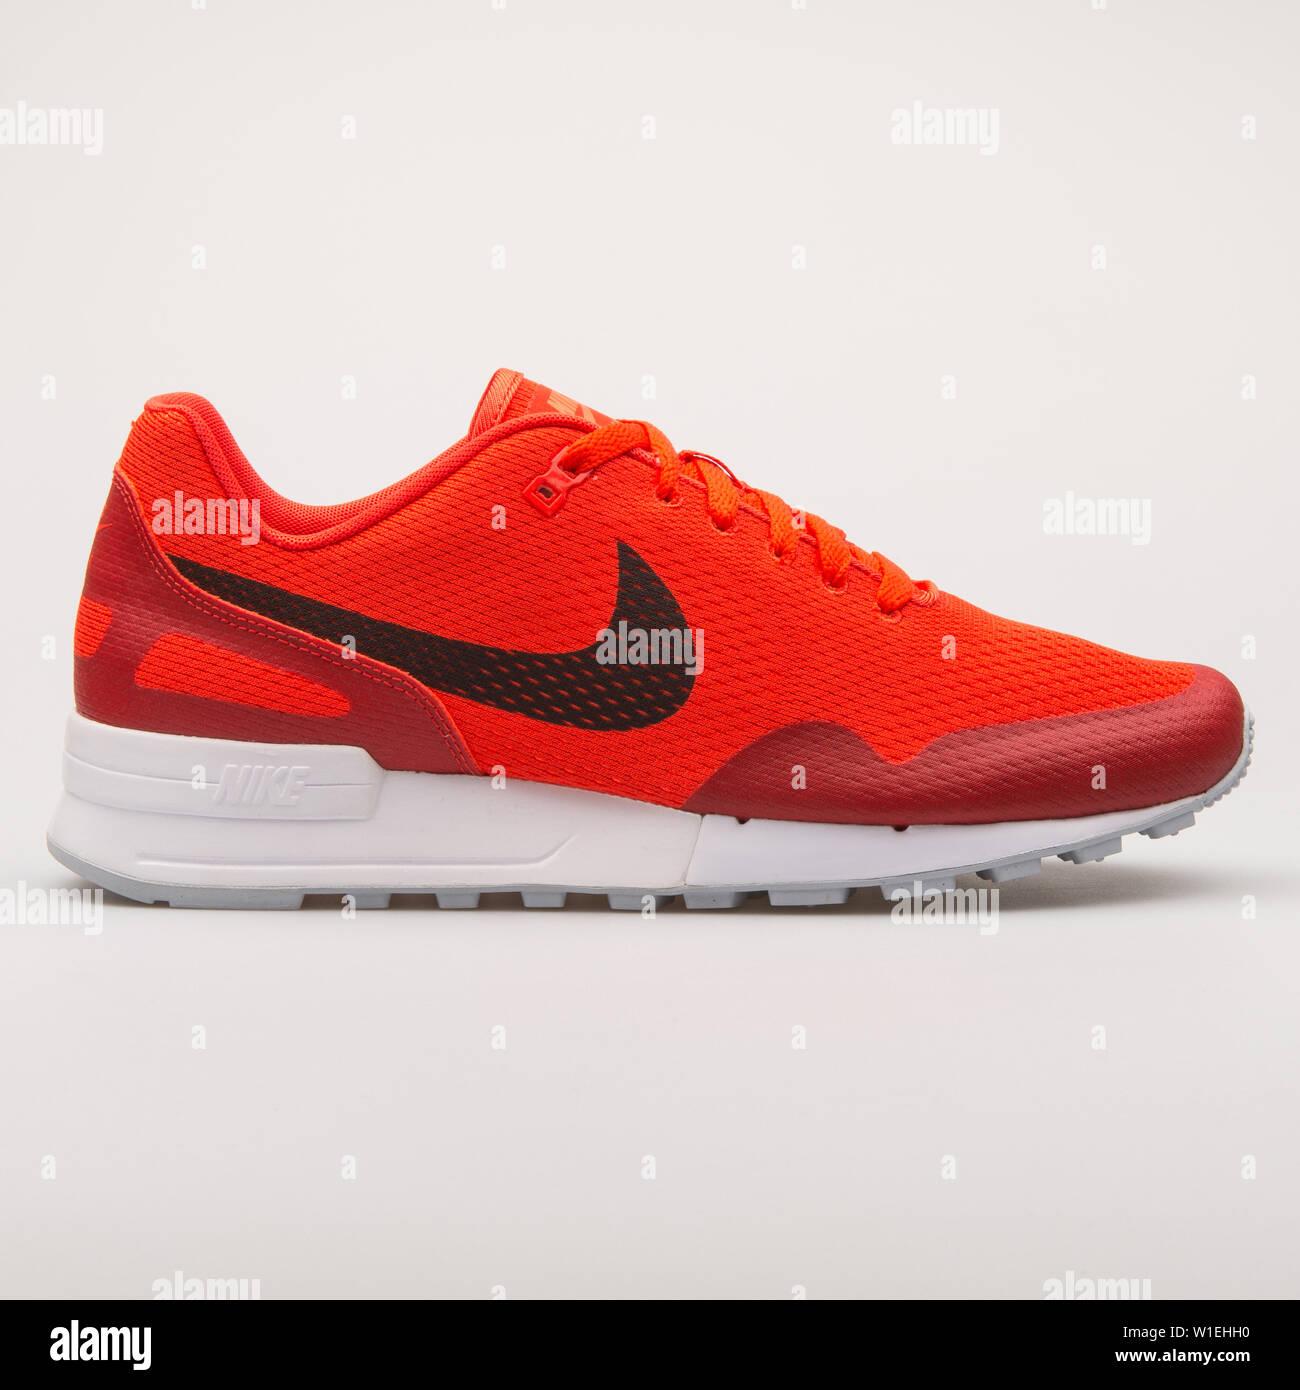 Nike Air Pegasus 89 EGD red sneaker on